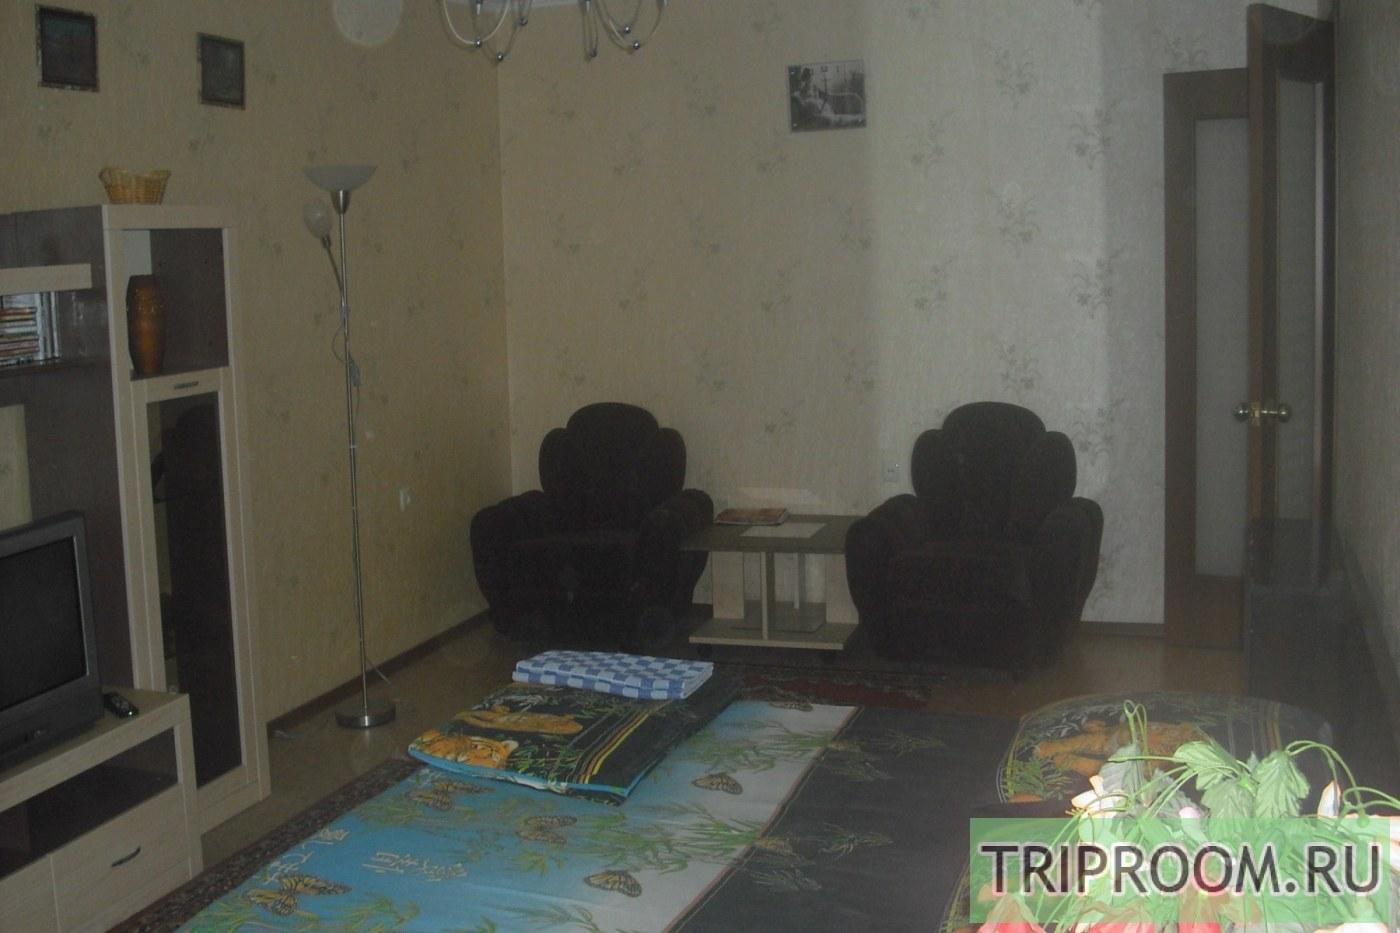 1-комнатная квартира посуточно (вариант № 39359), ул. Ивана Черных улица, фото № 6